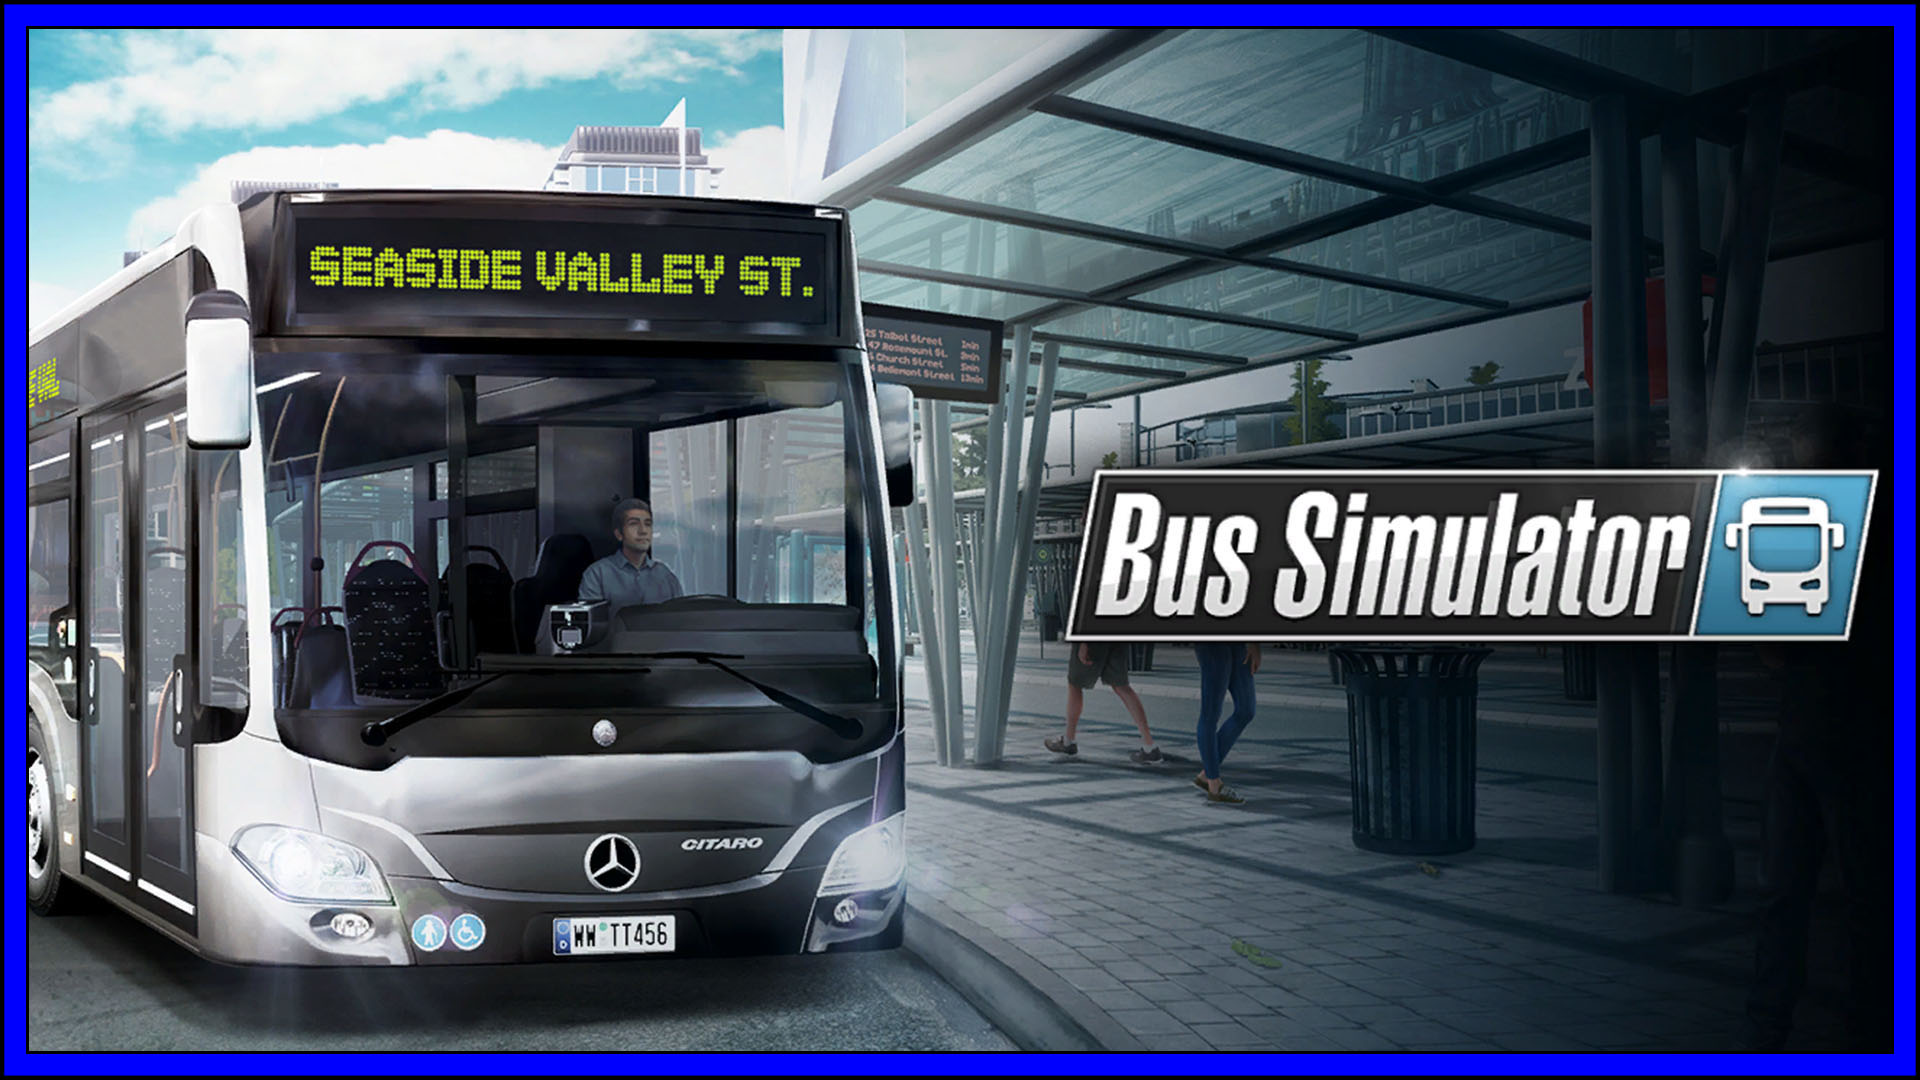 Bus Simulator (PS4) Review